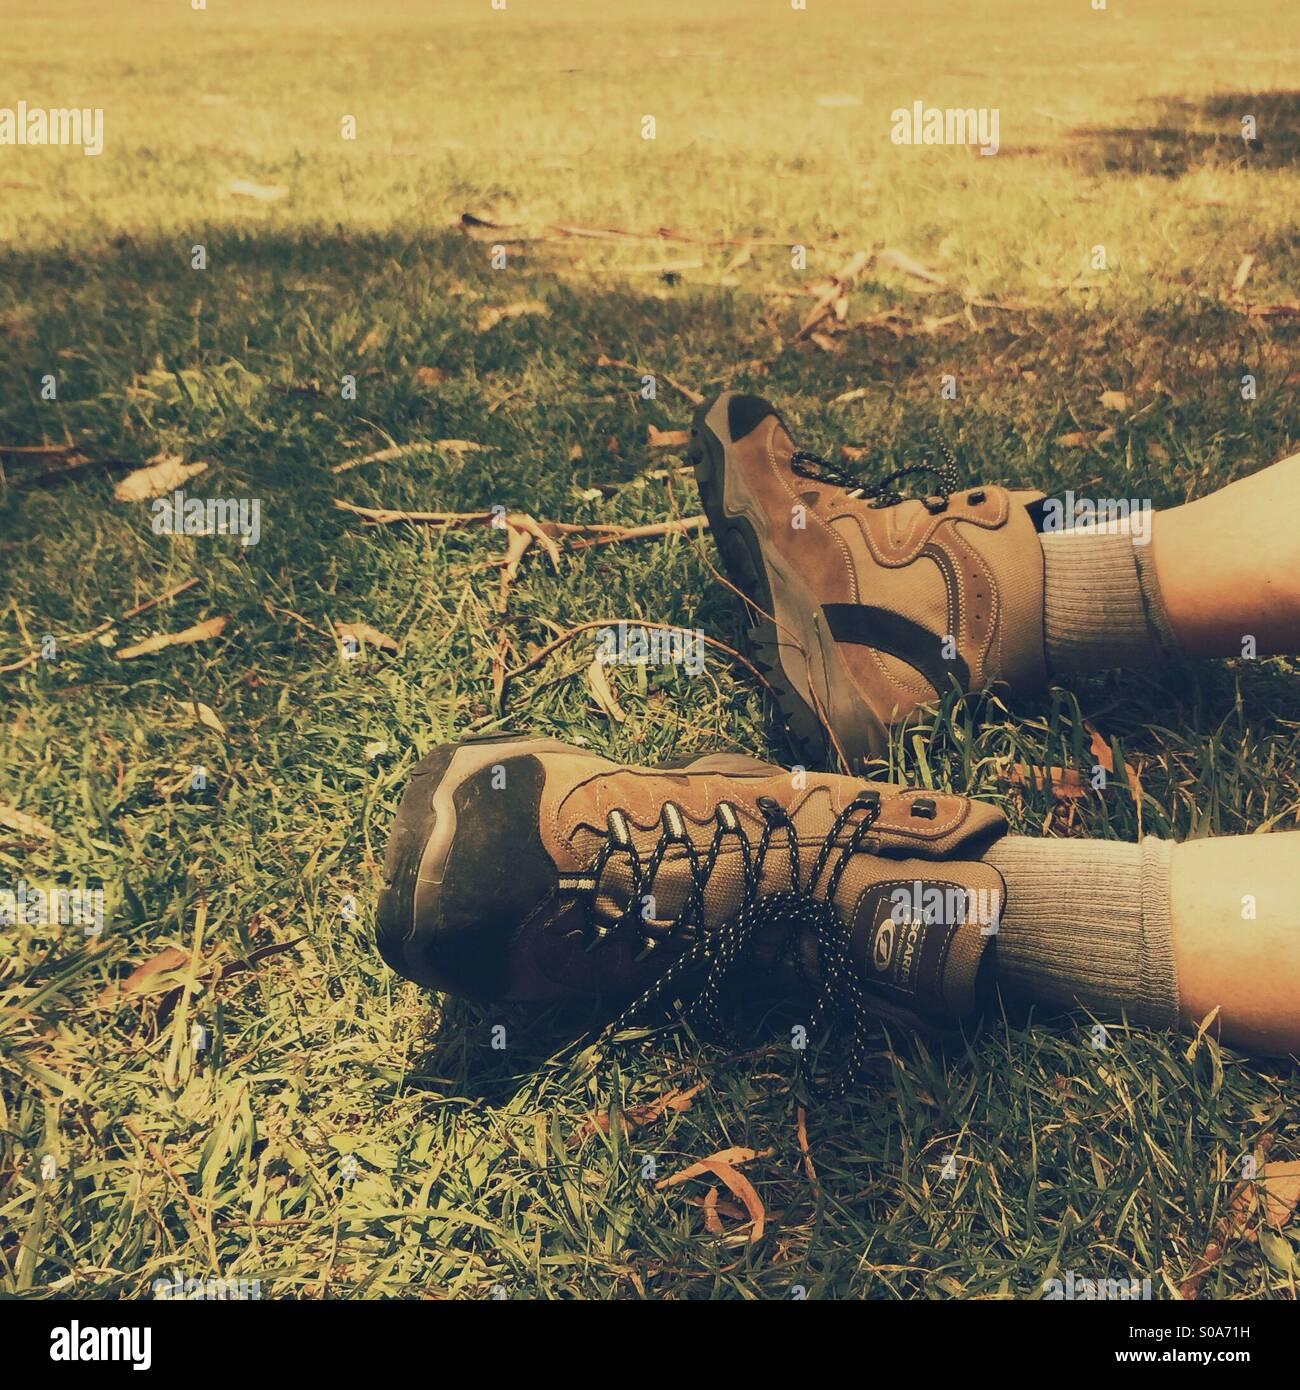 Mannes Füße Wandern Stiefel sitzen auf Rasen ruht nach dem